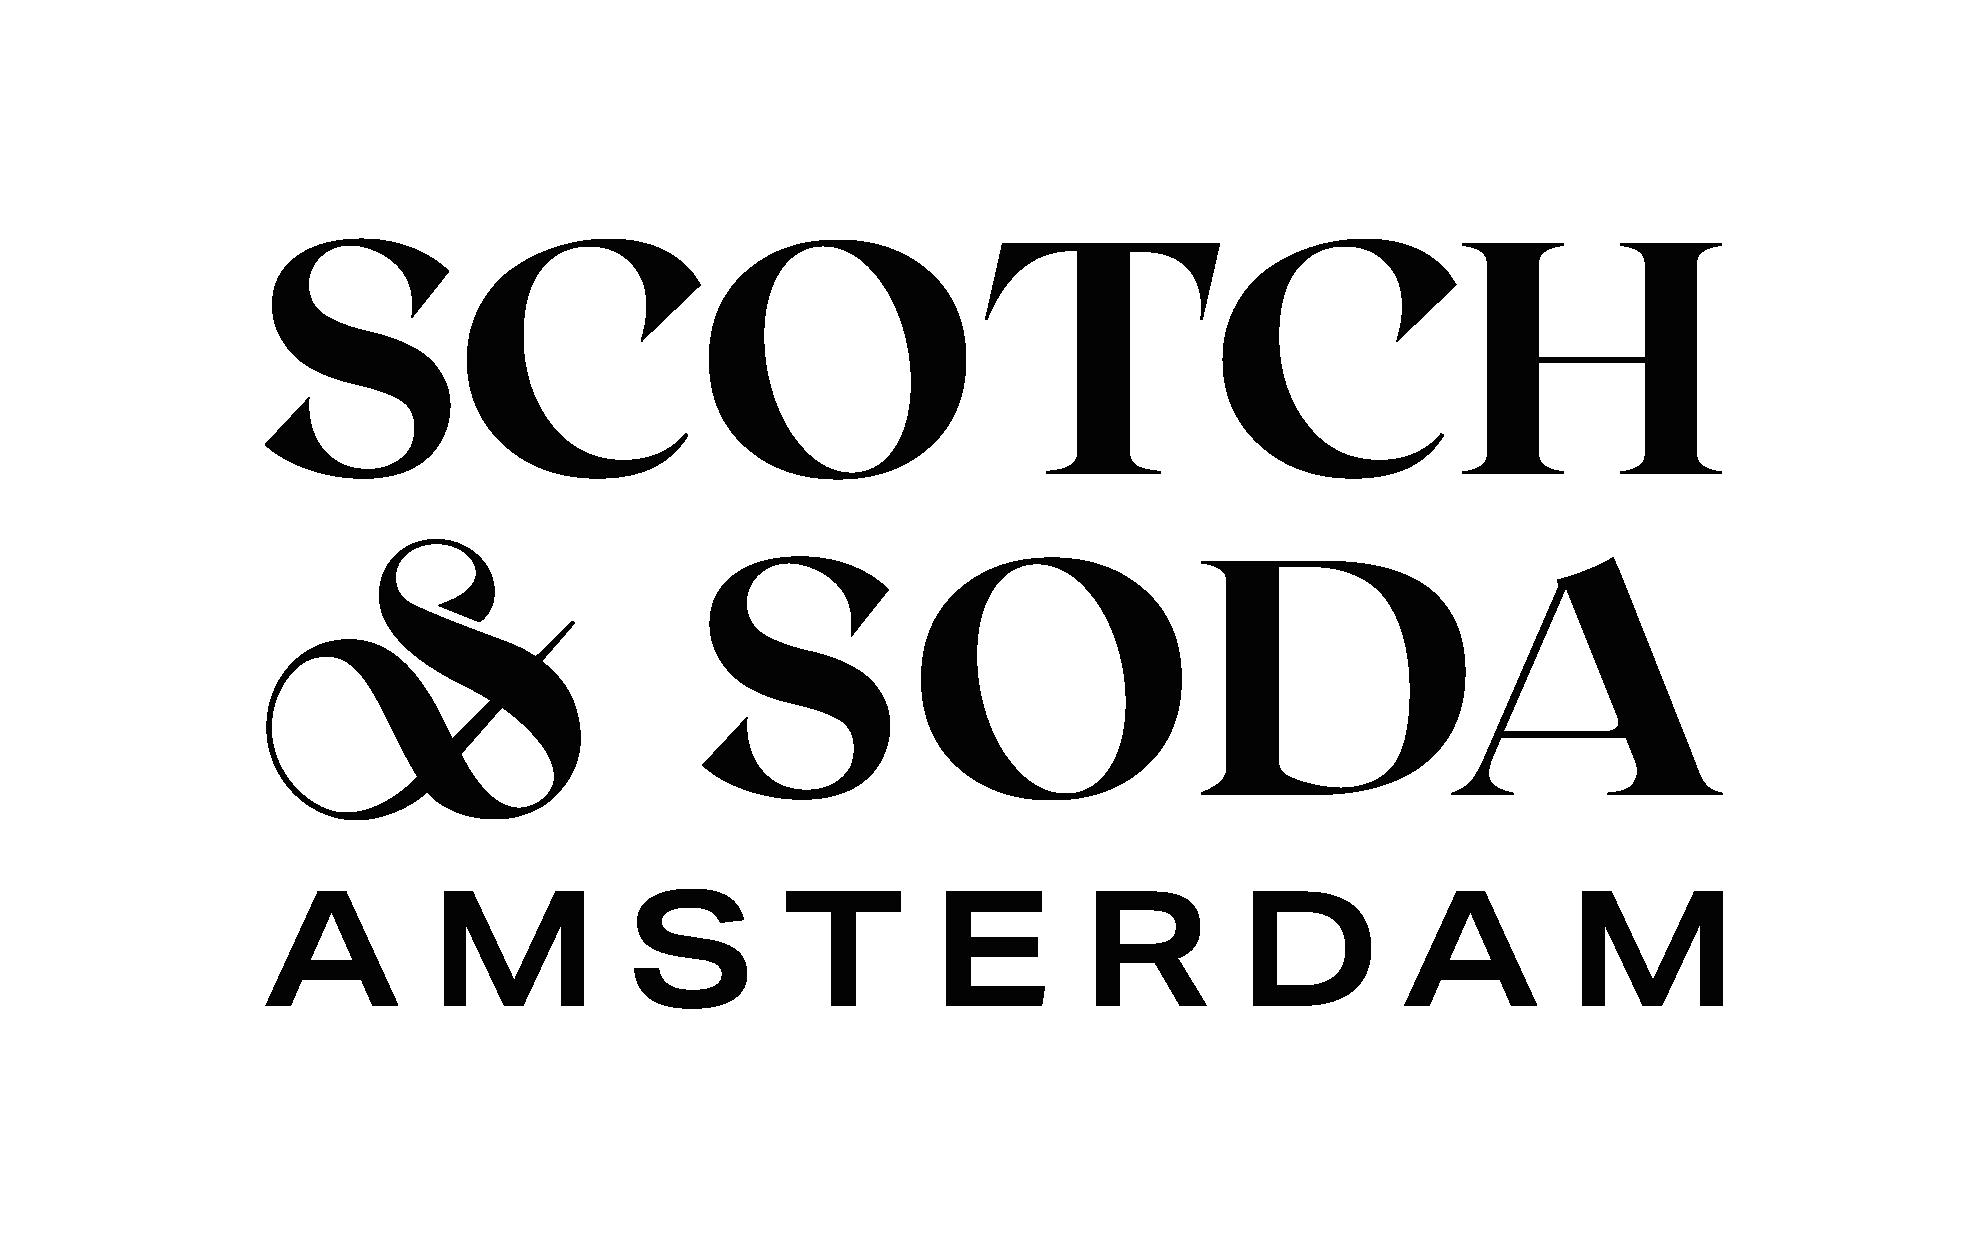 Scotch & Soda (US)